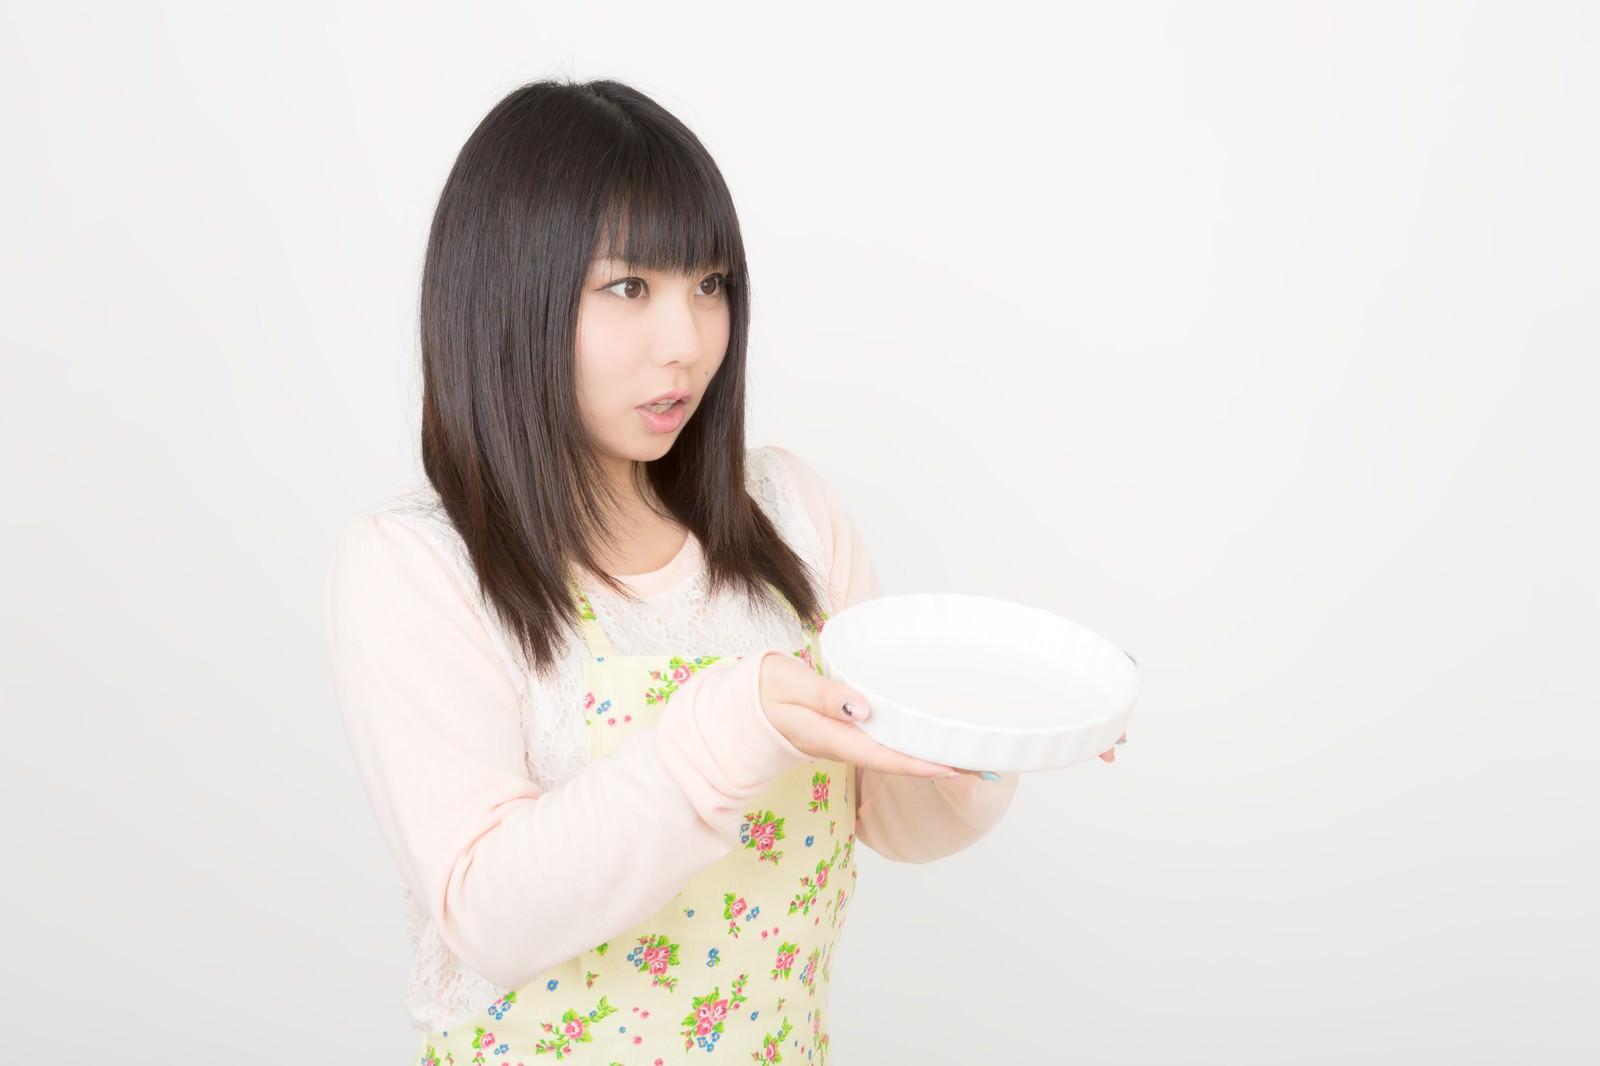 「大きなお皿を両手で持ったエプロン姿の女性」の写真[モデル:Lala]